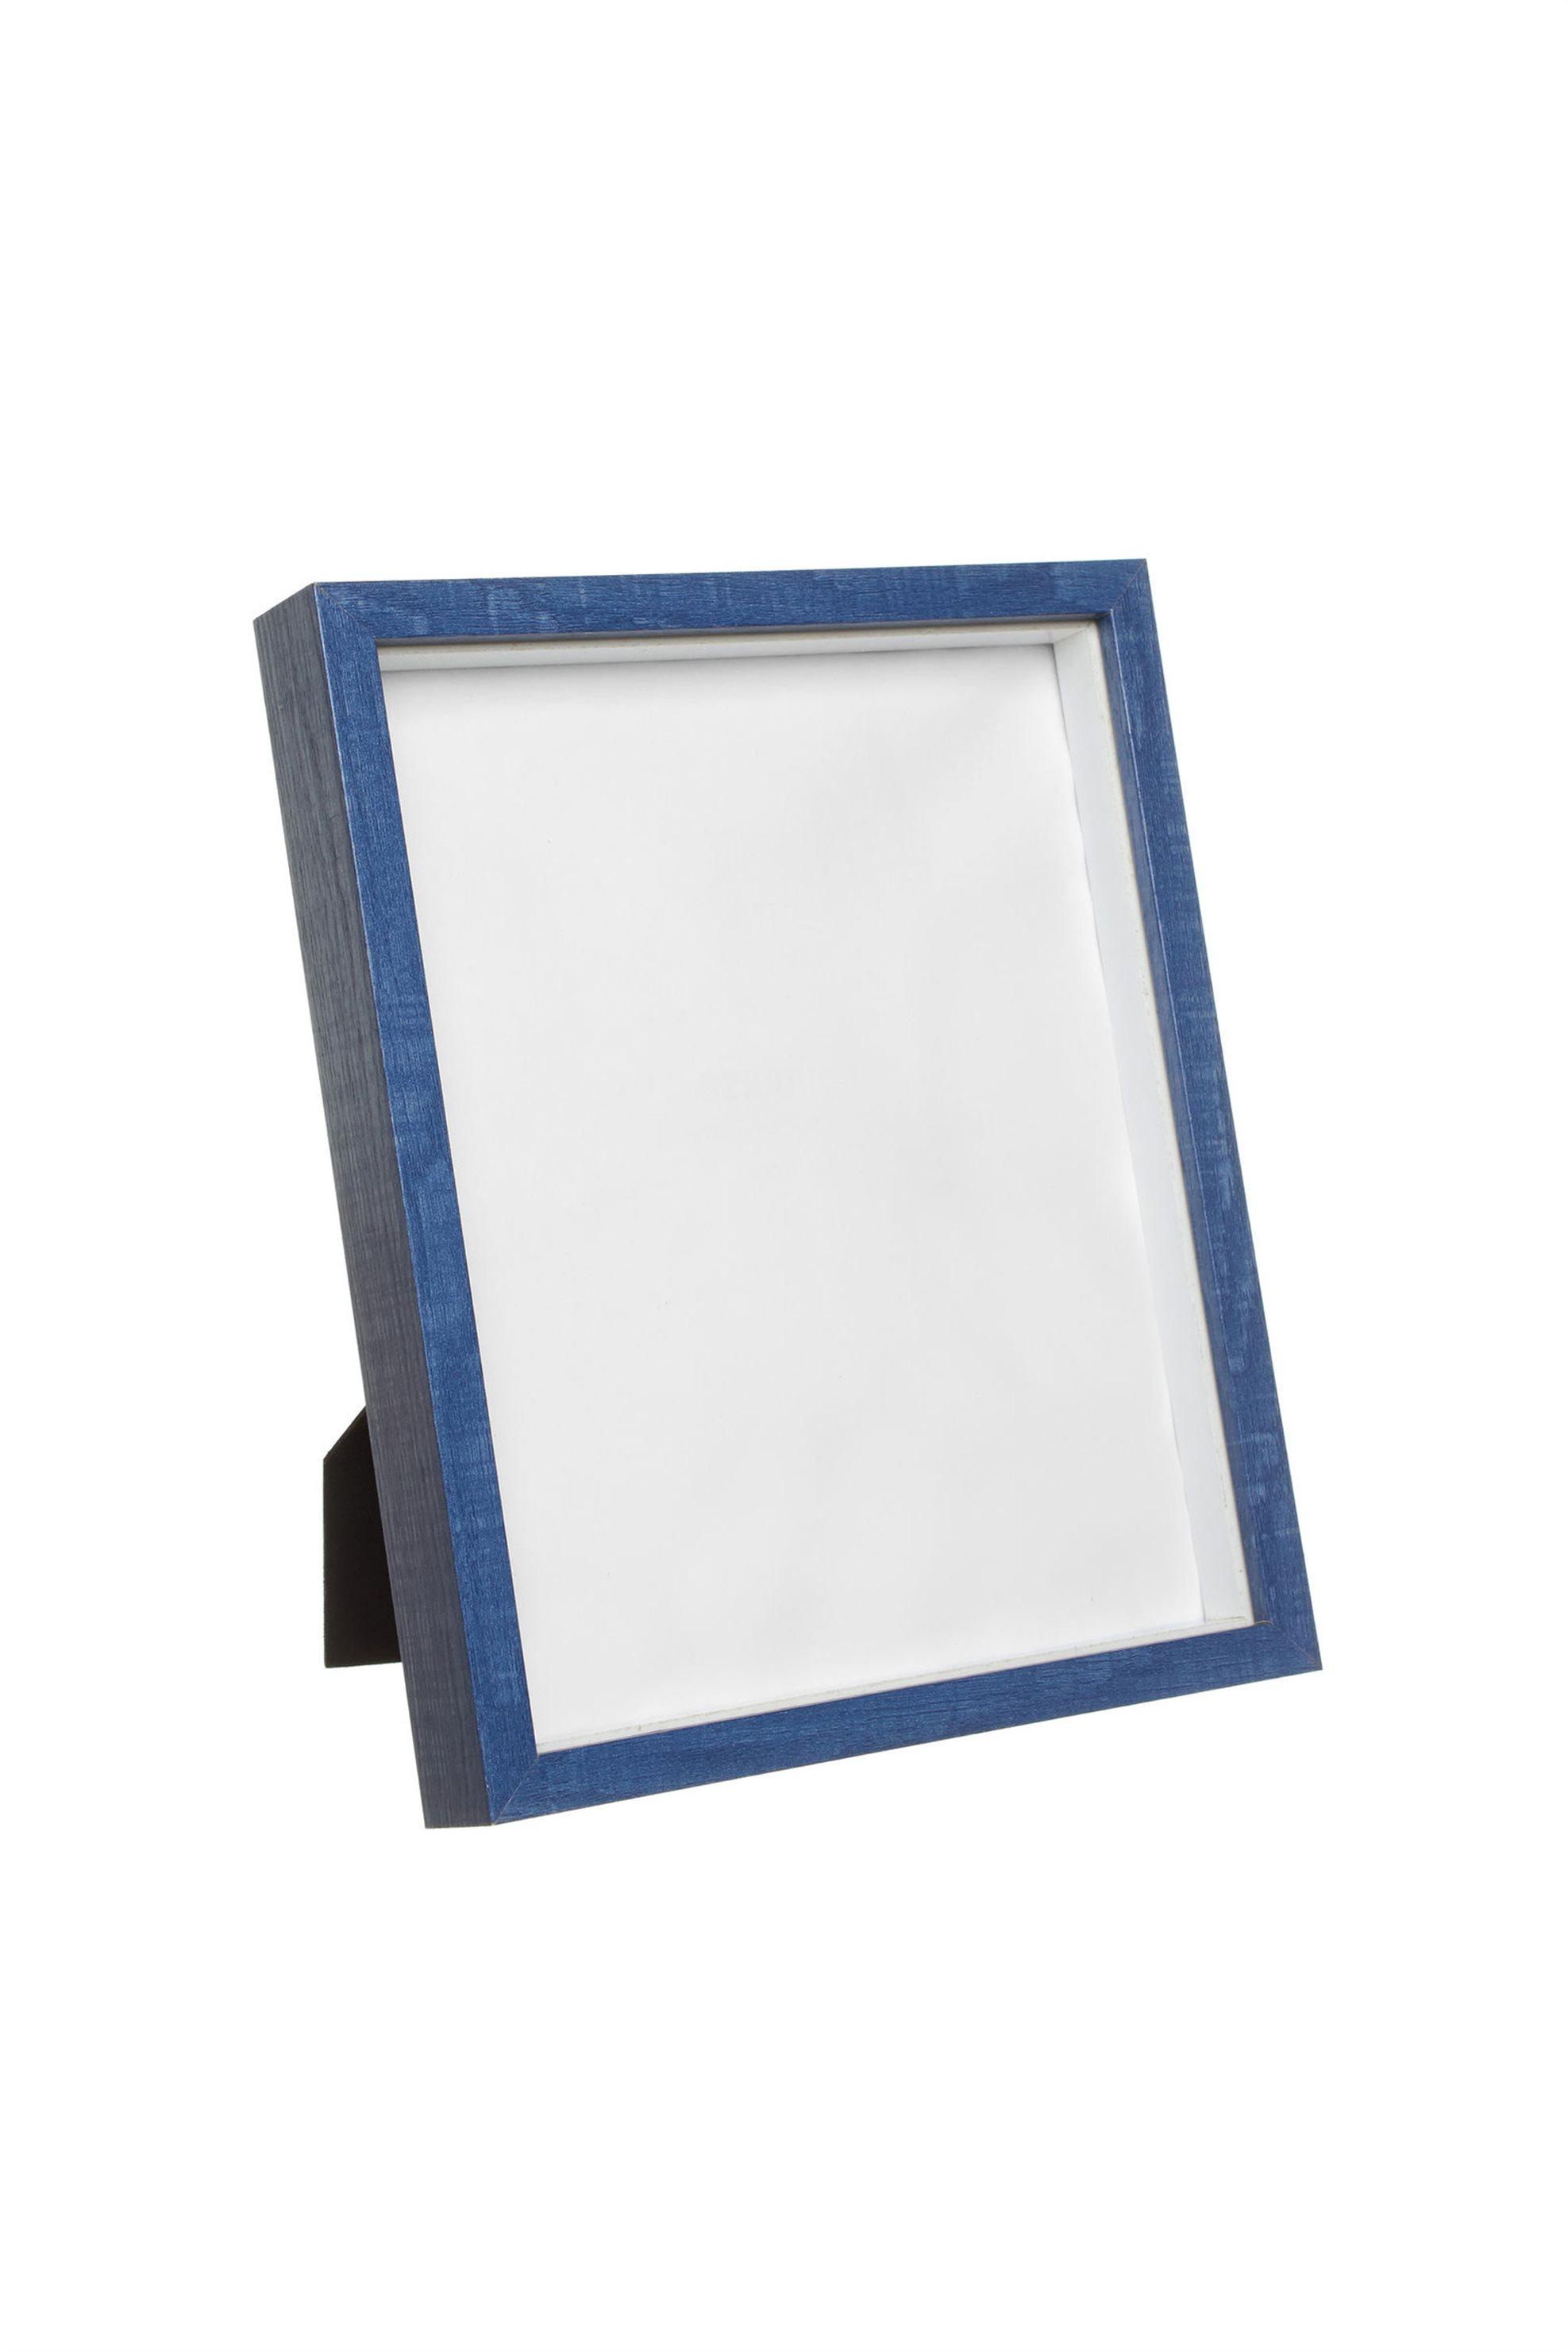 Κορνίζα με μπλέ πλαίσιο ξύλου 25x20 Coincasa - 005621182 - Μπλε home   σαλονι   κορνίζες